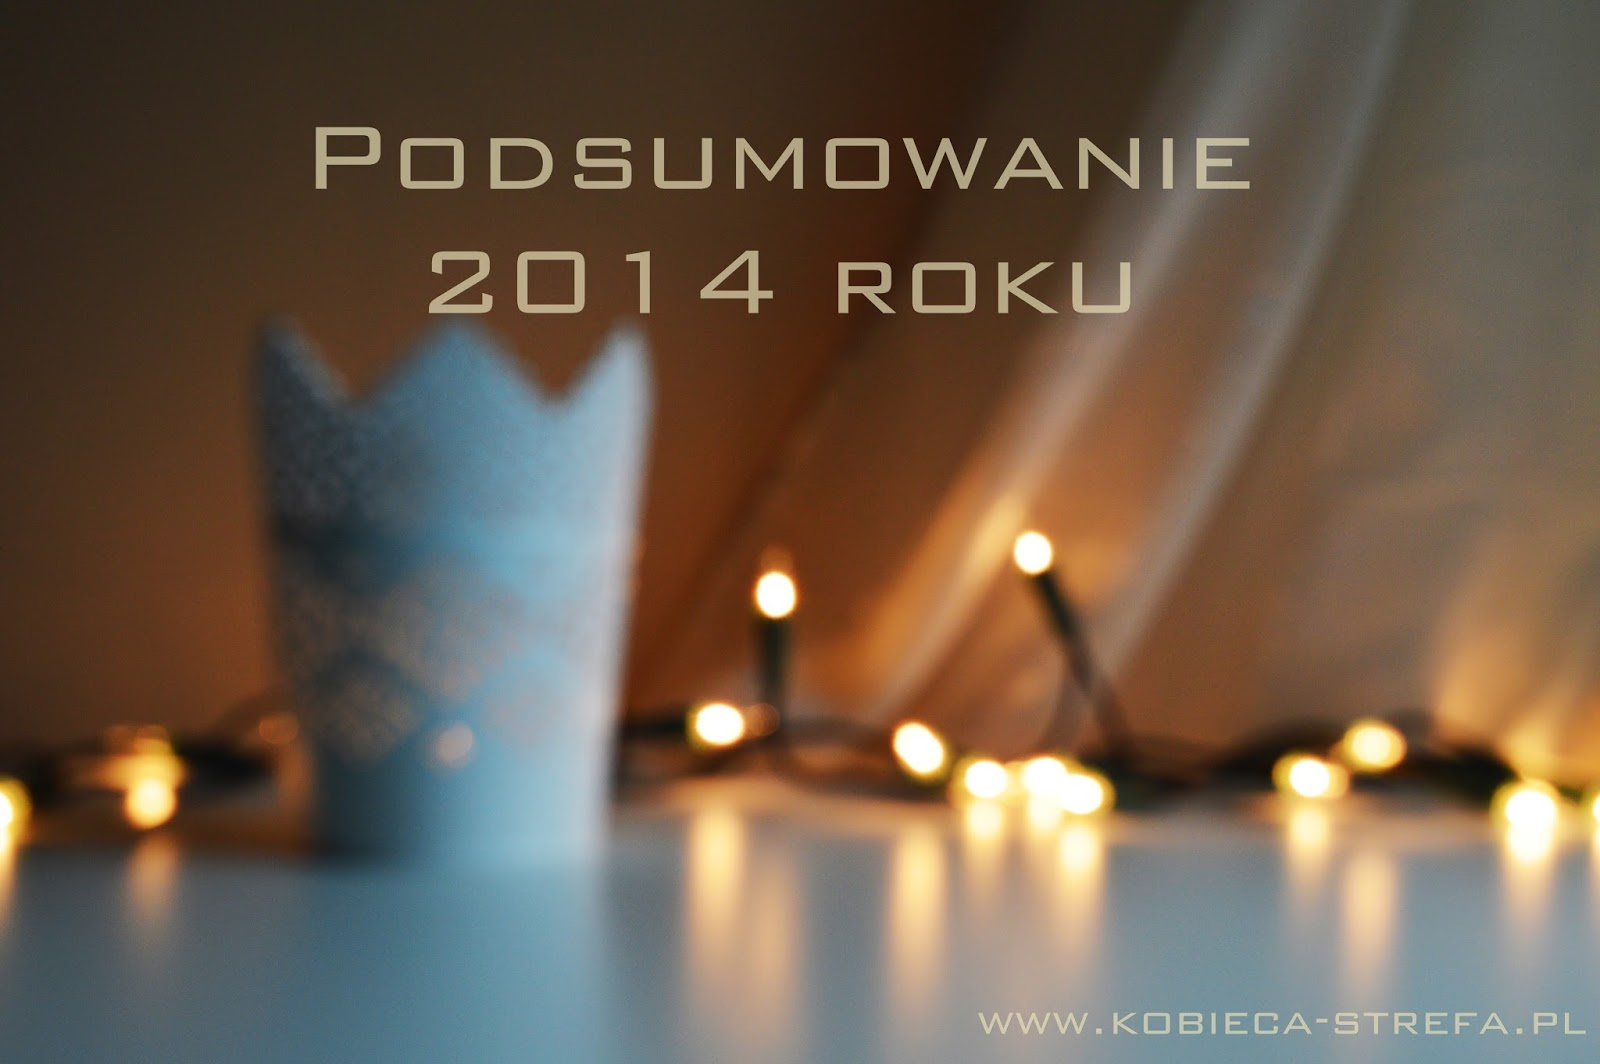 Podsumowanie 2014 roku czyli hity kosmetyczne minionego roku